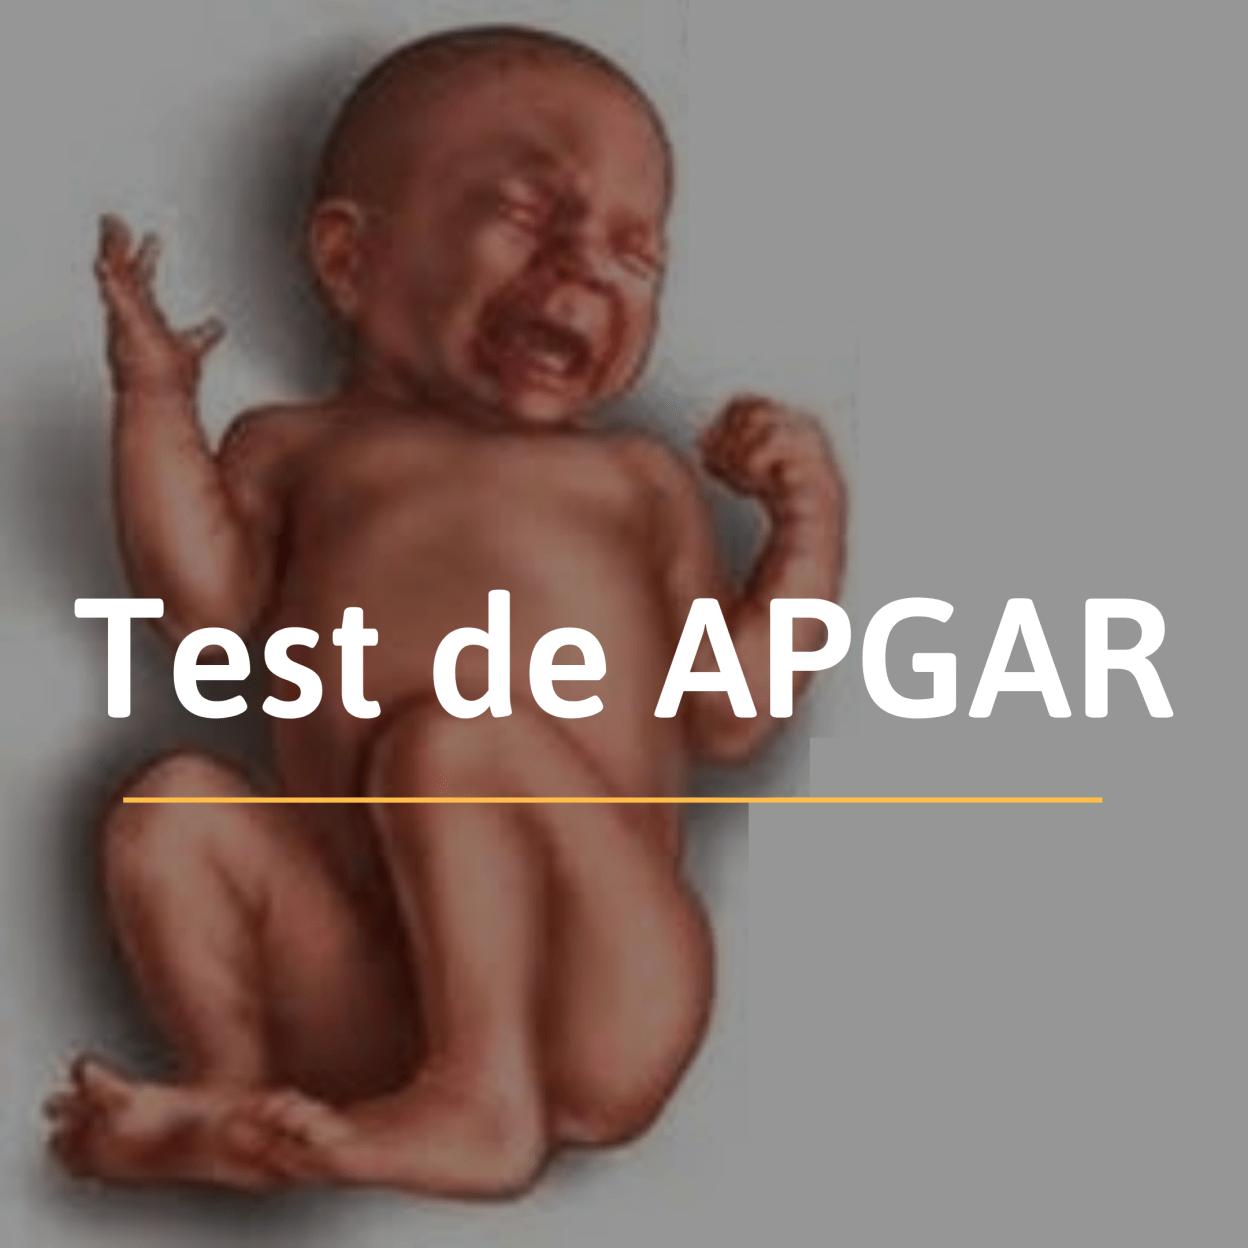 El test de APGAR es una primera valoración del recien nacido y tiene como objetivo detectar posibles problemas de manera rápida y poco molesta para el bebé.